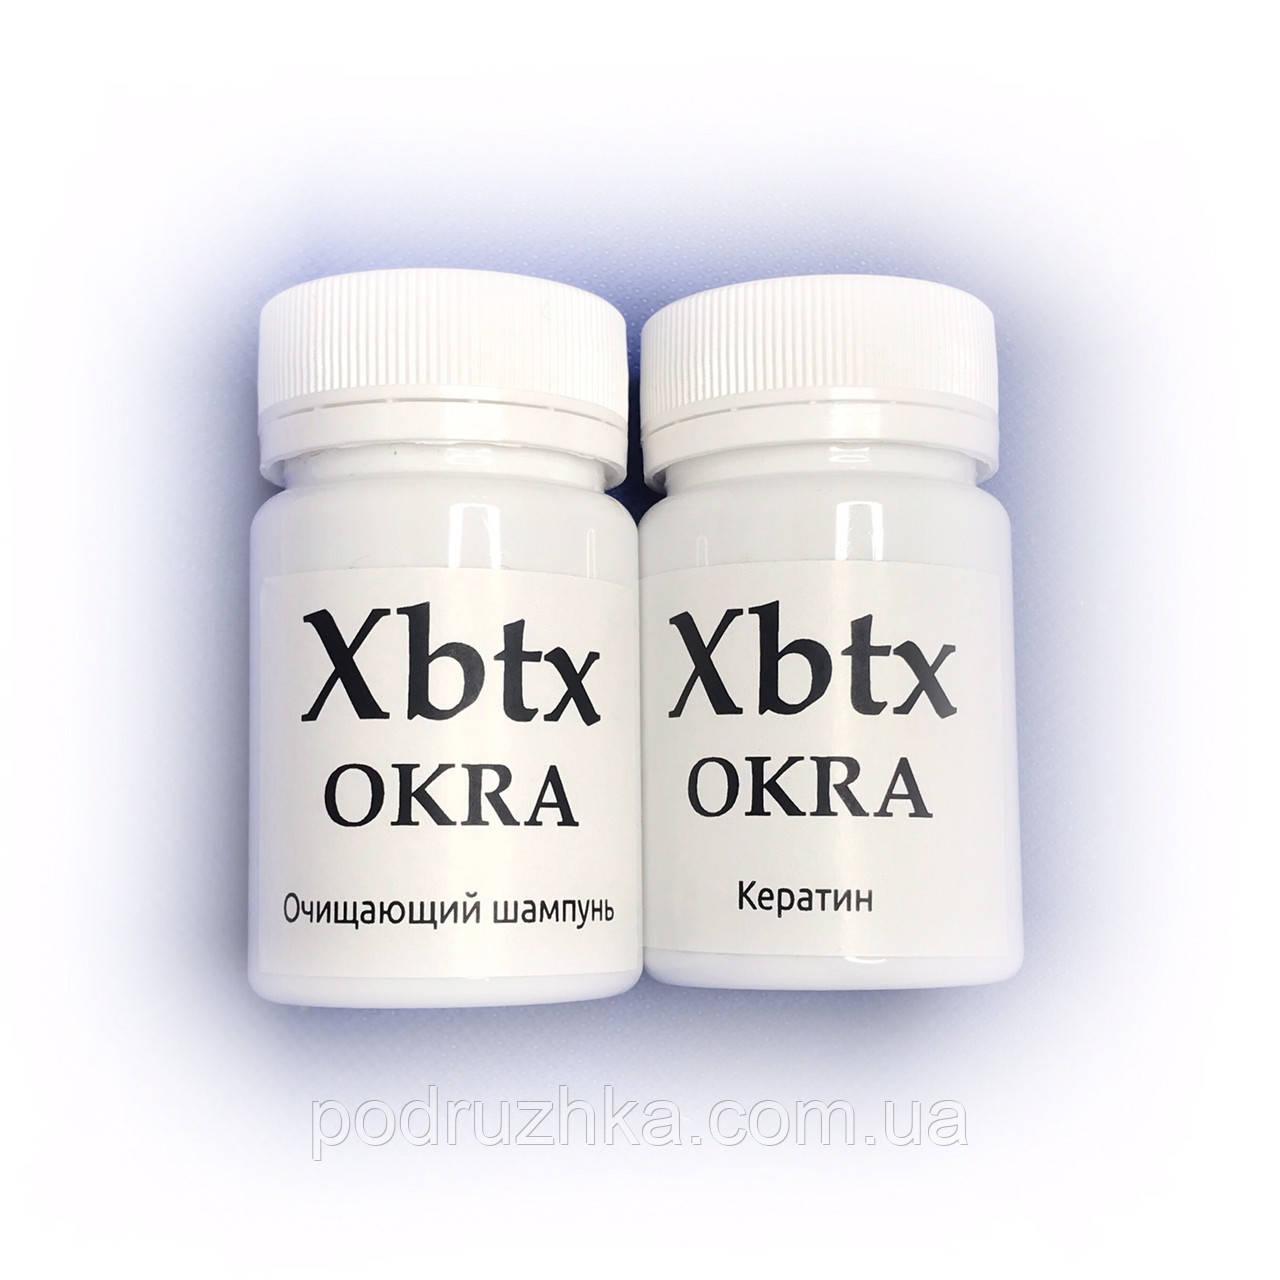 Набор для кератинового выпрямления волос Xbtx de Okra 2х500 г